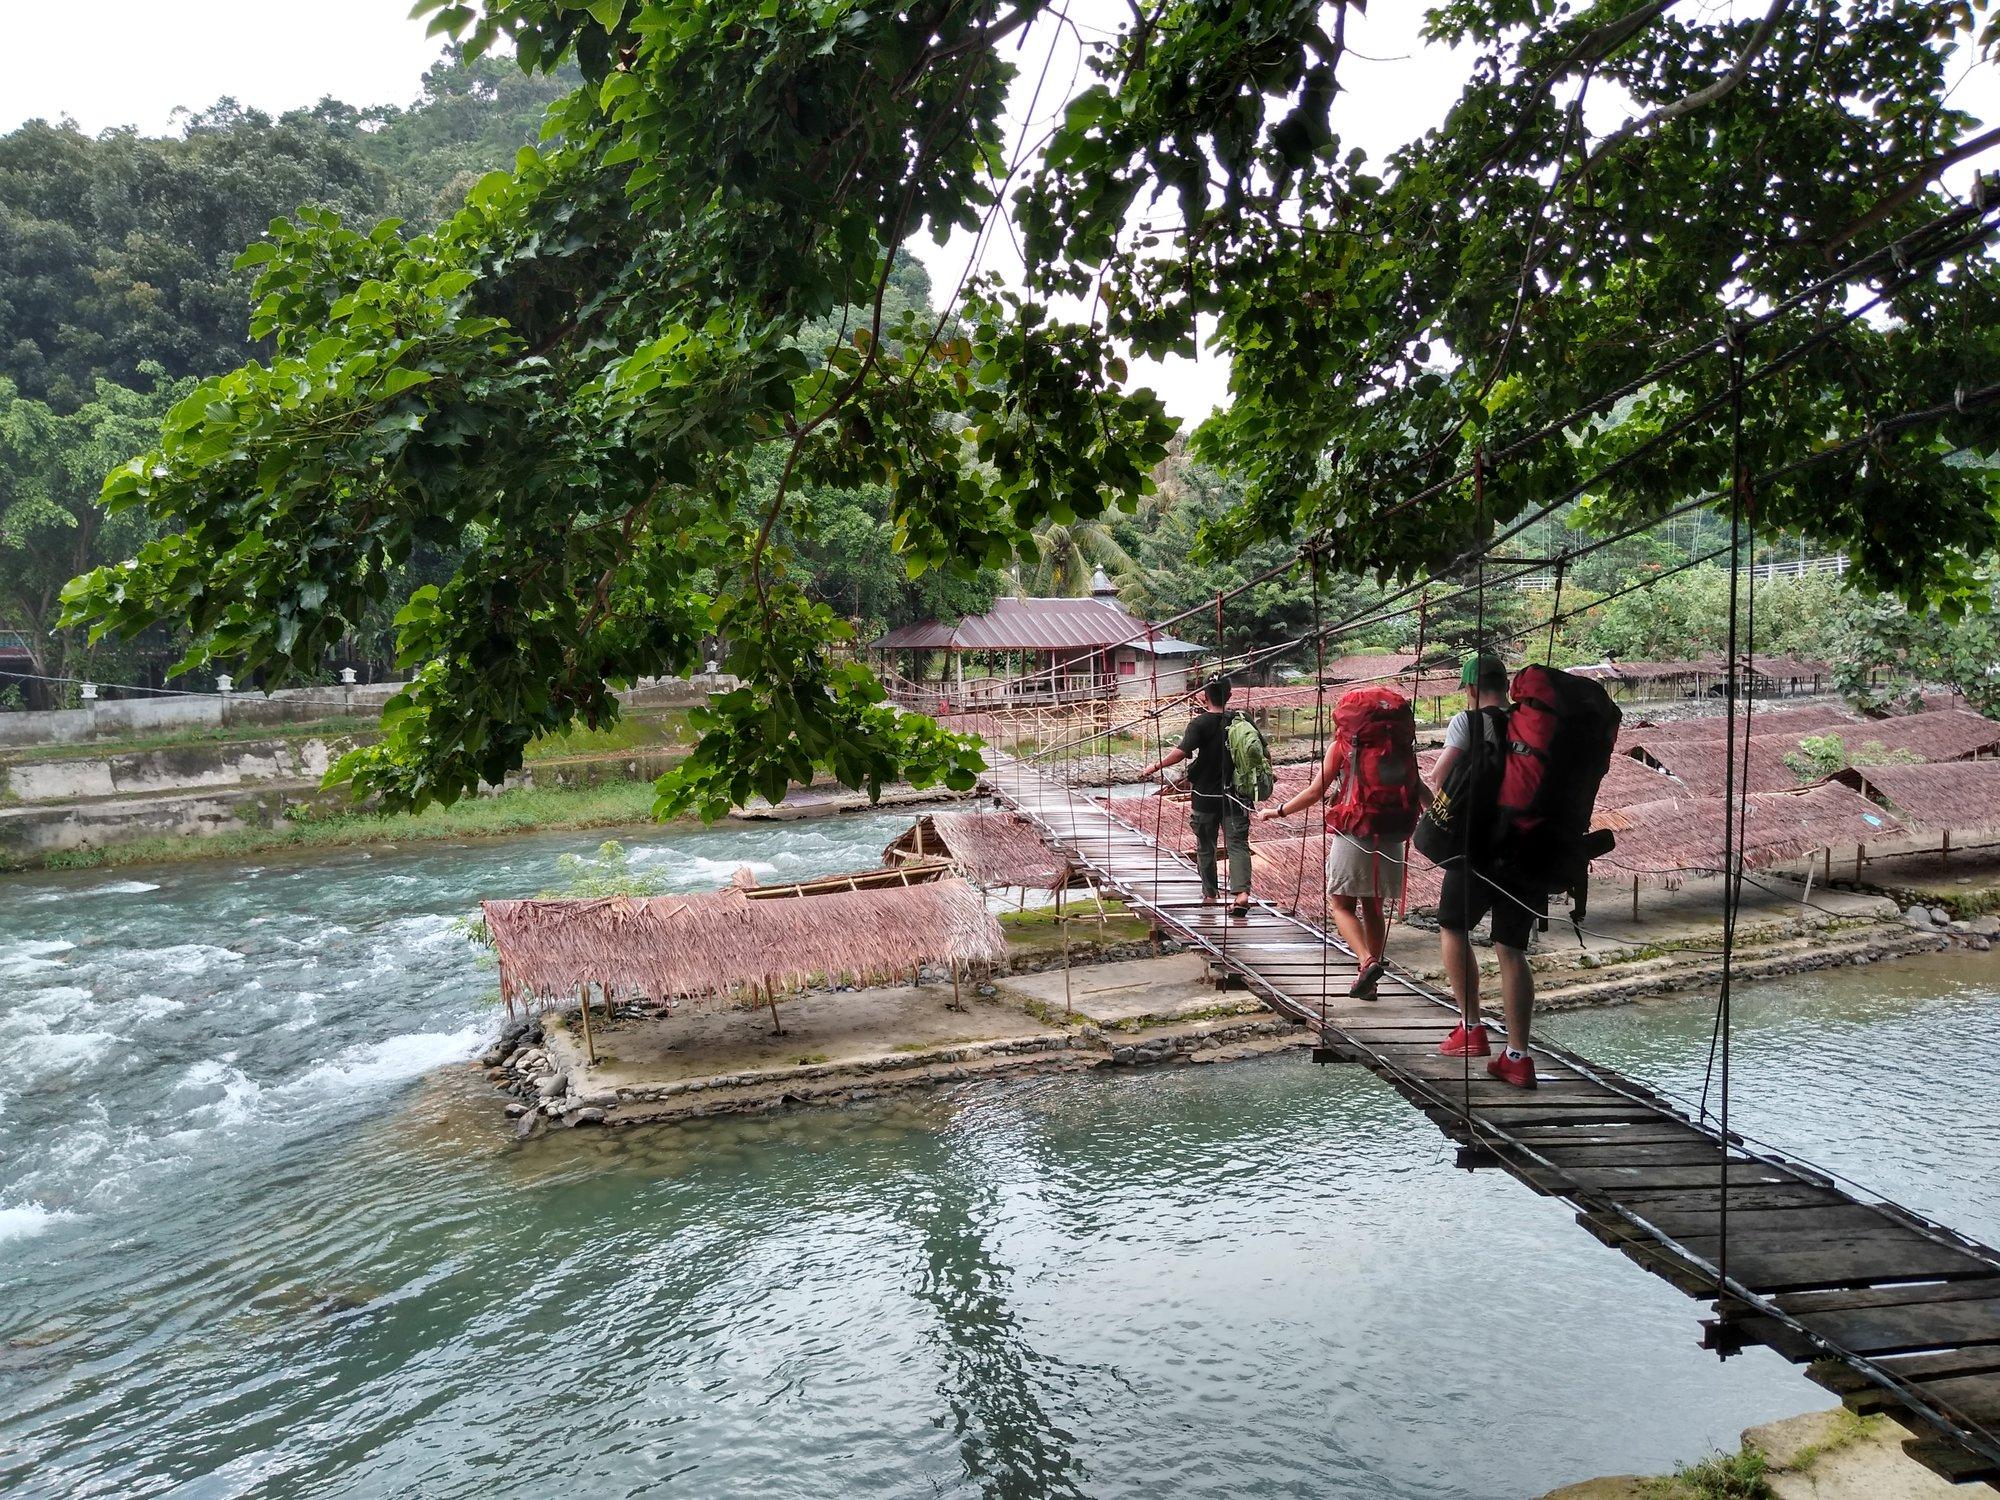 k ubytovaniu musíme prejsť cez chatrný most